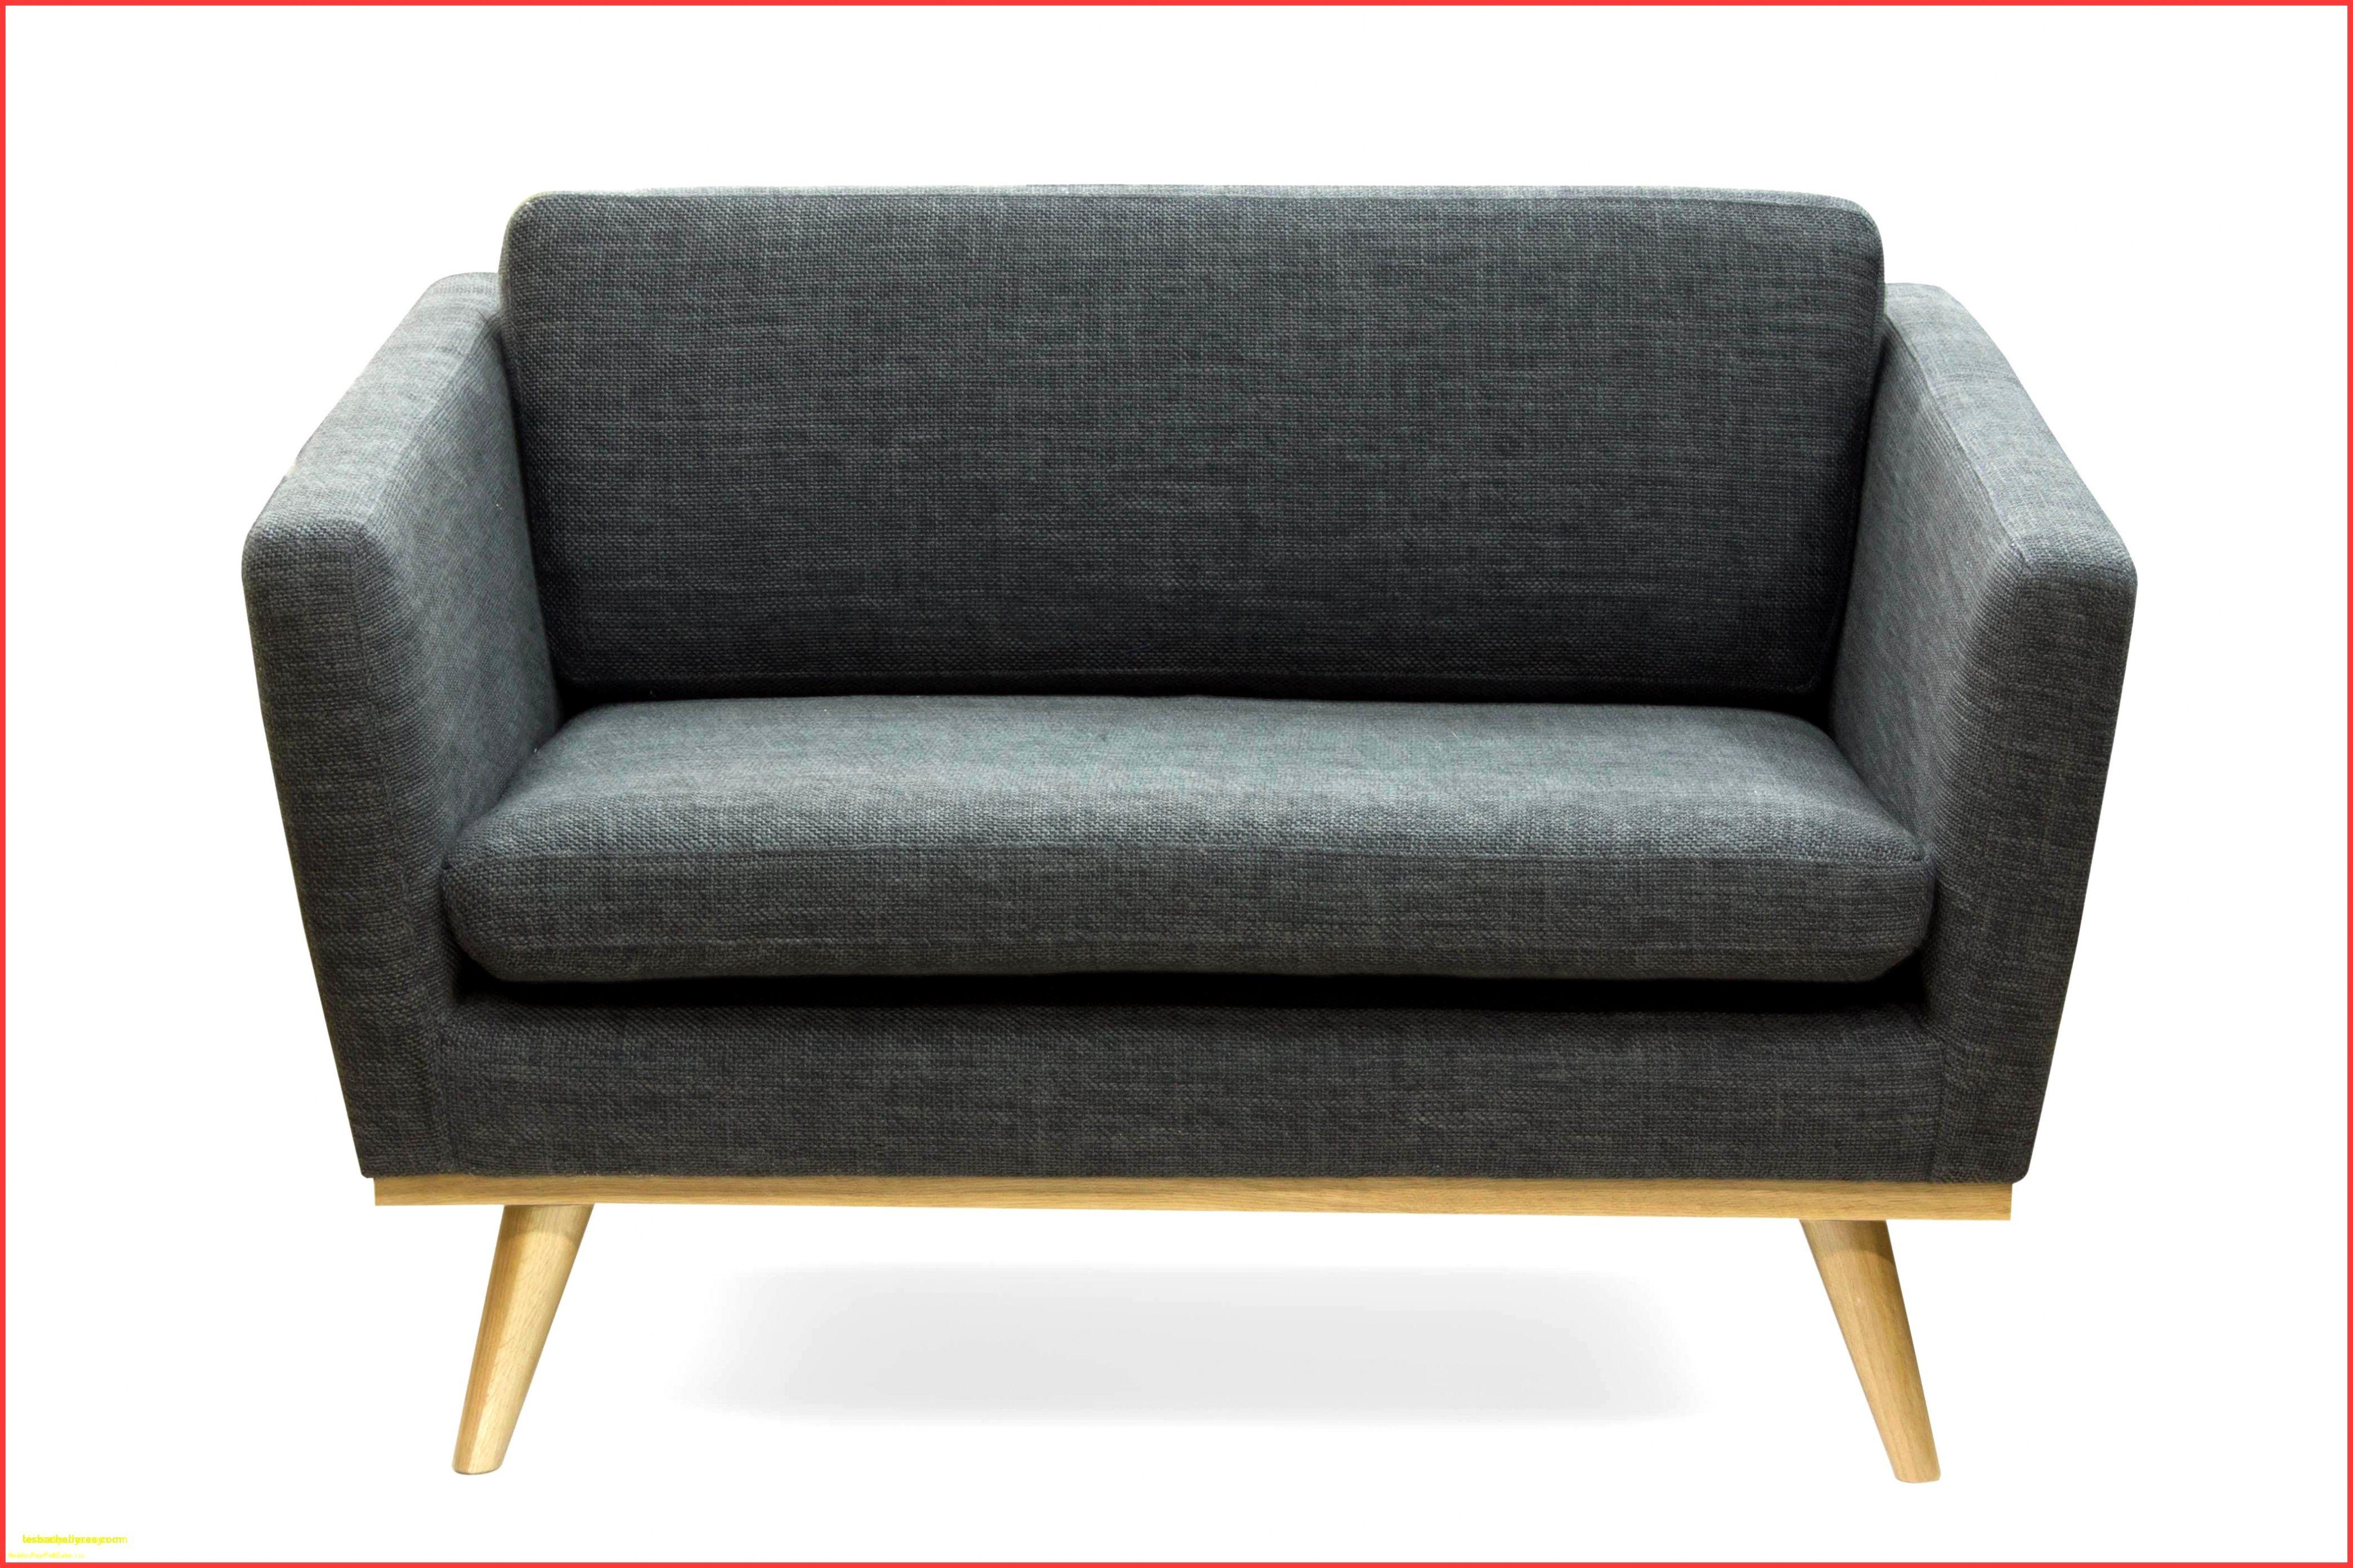 Tete De Lit Avec Chevet Intégré Ikea Douce sove Coiffeuse Fer forgé — sovedis Aquatabs